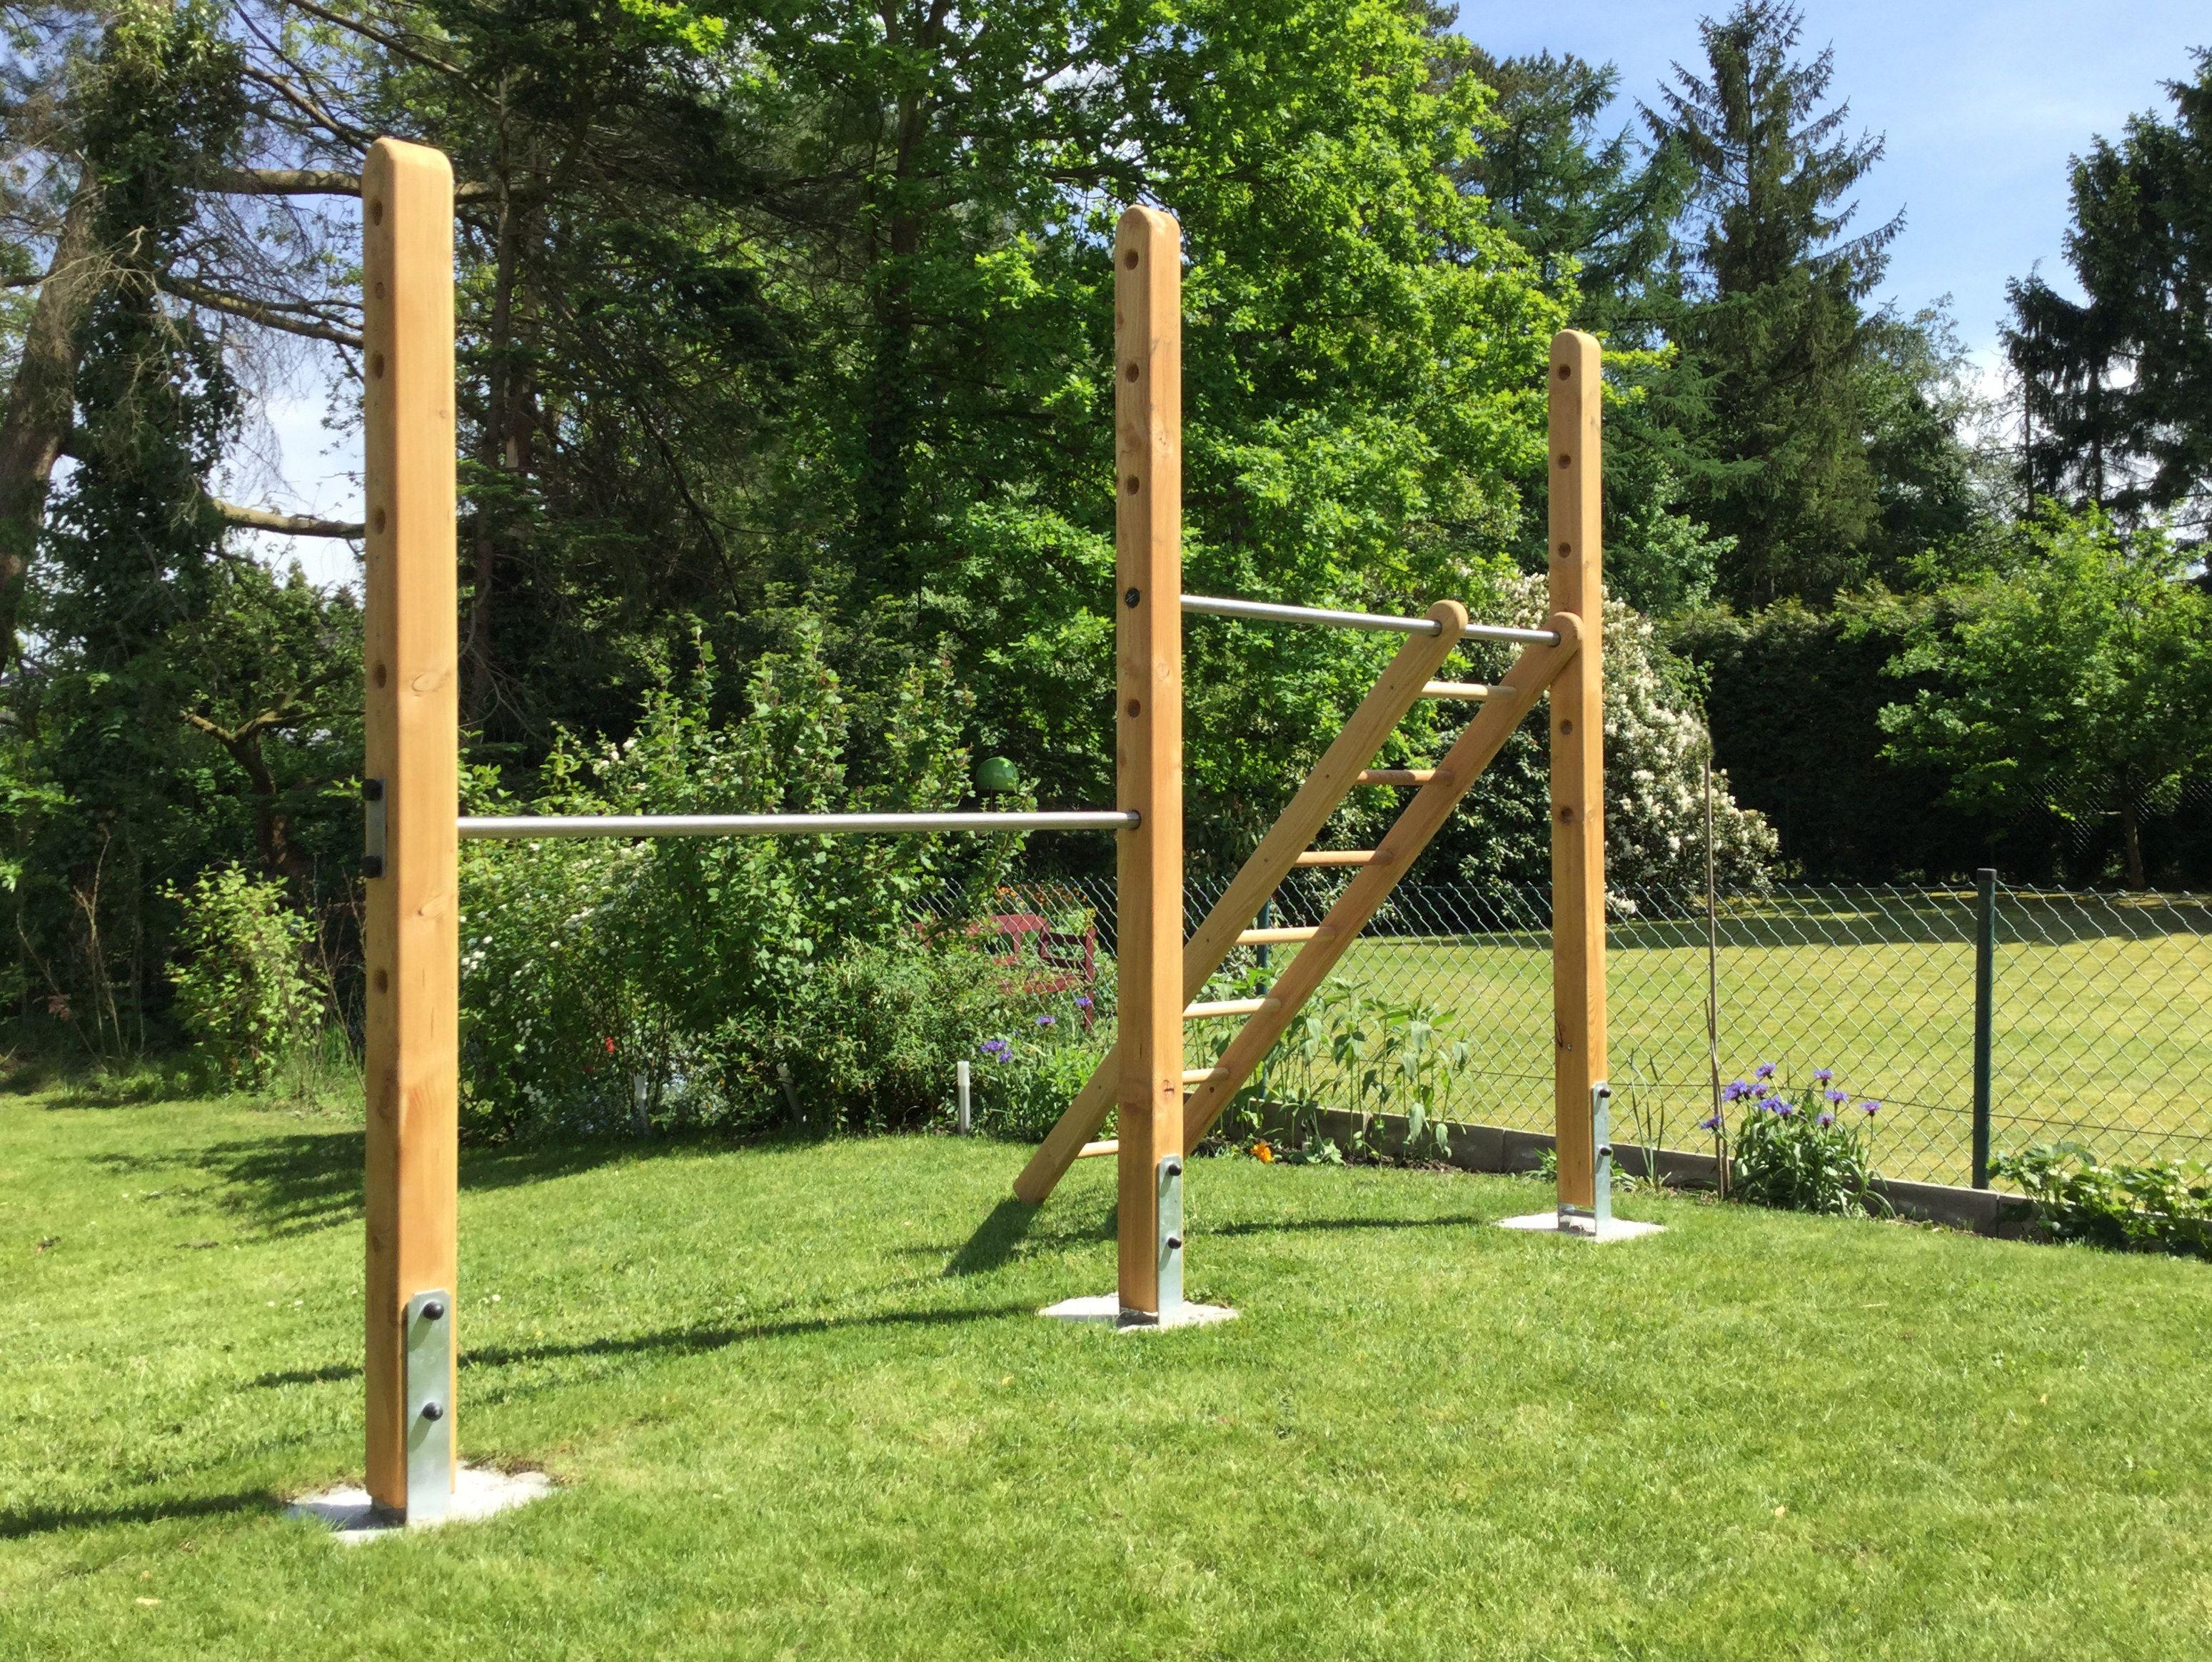 Klettergerüst Erwachsene : Doppel turnreck aus lärchenholz und edelstahl mit verstellbarer